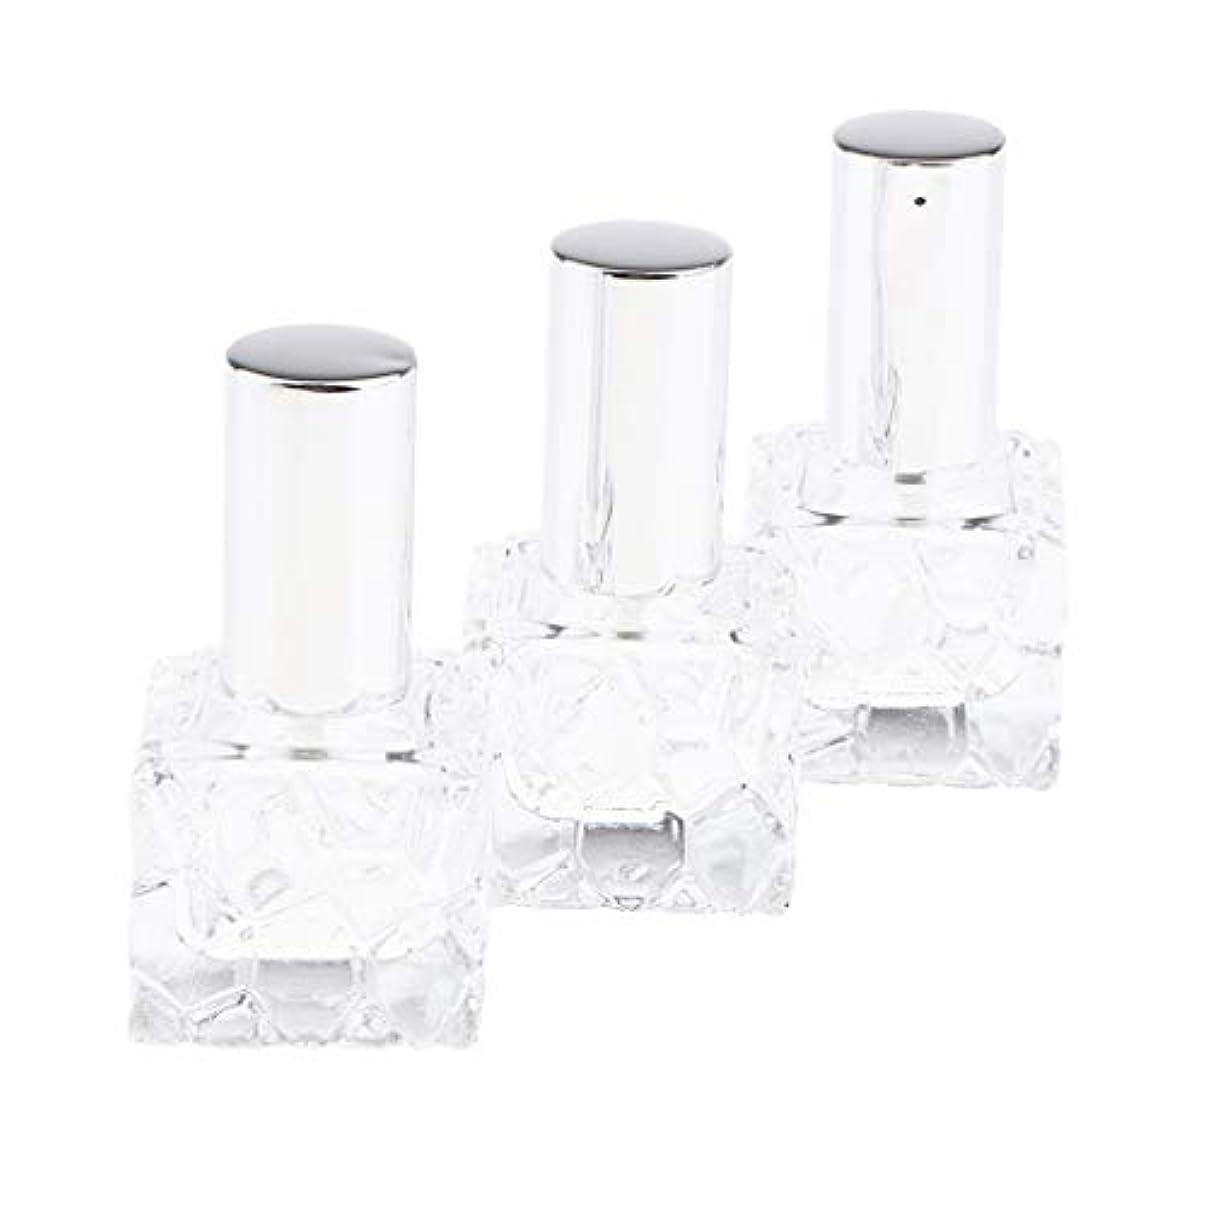 専制キャリッジウェブCUTICATE 香水瓶 スプレー ガラス スプレー容器 スプレーボトル 香水小分け アロマ保存容器 2種選択でき - 10ml 3個